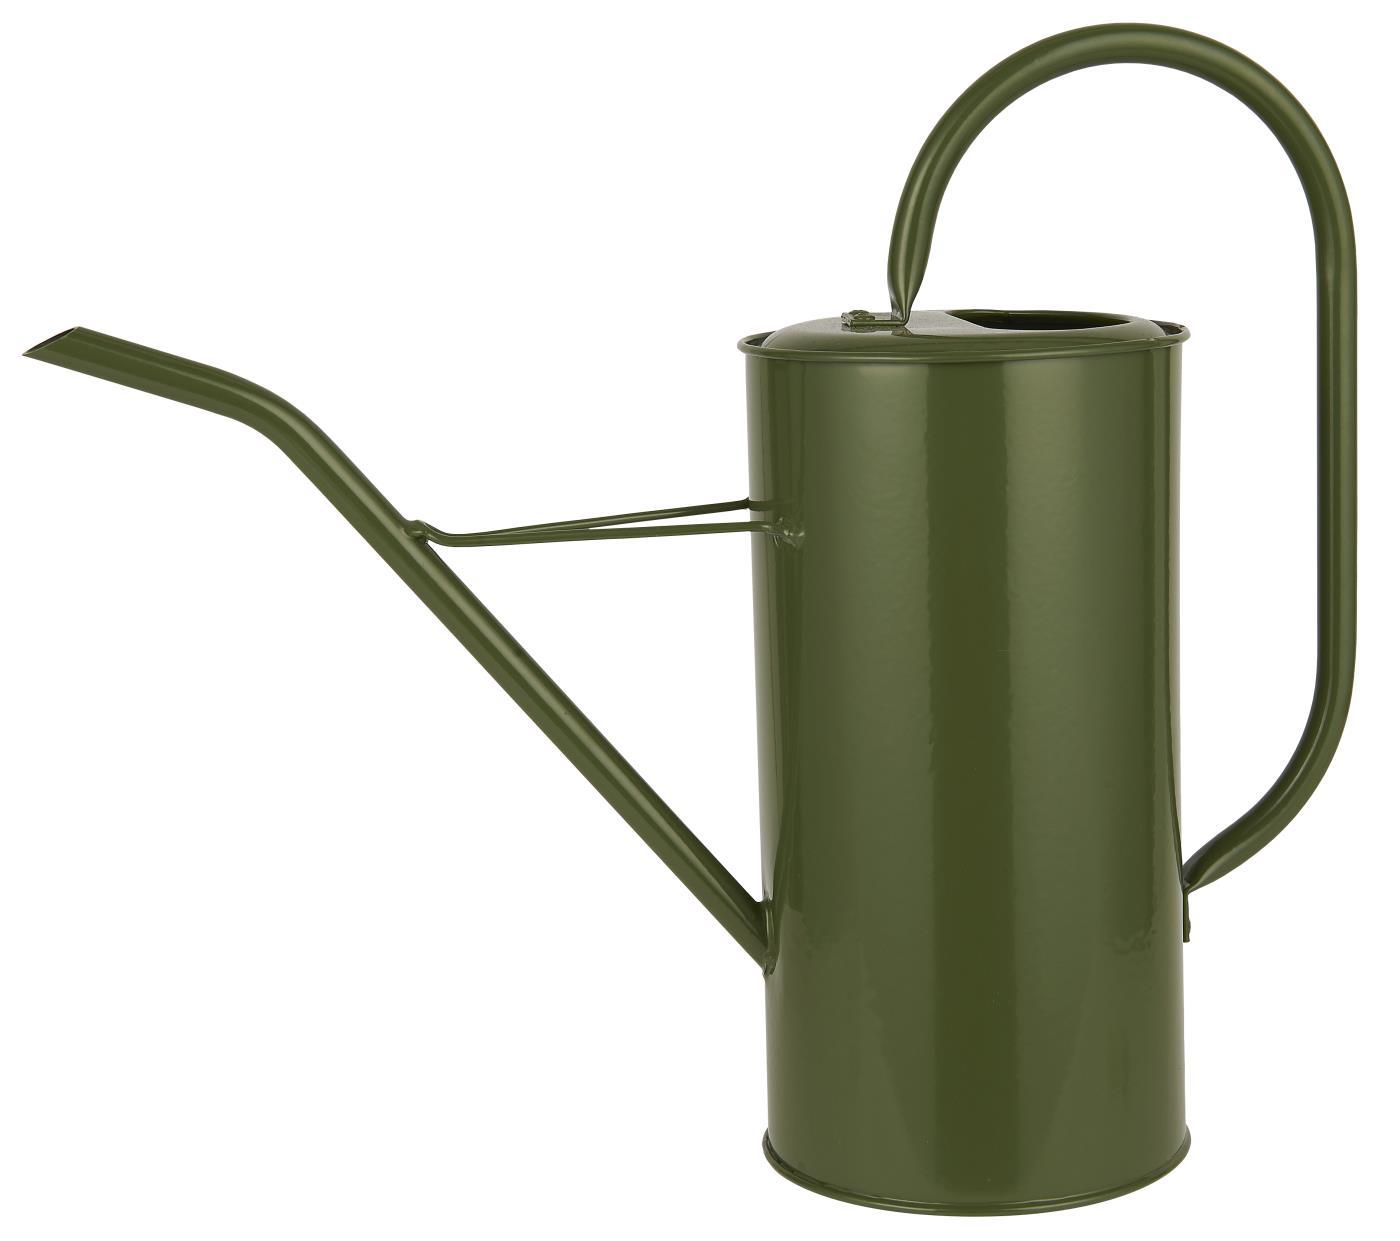 Vattenkanna i metall, grön (2,7 liter) - Ib Laursen